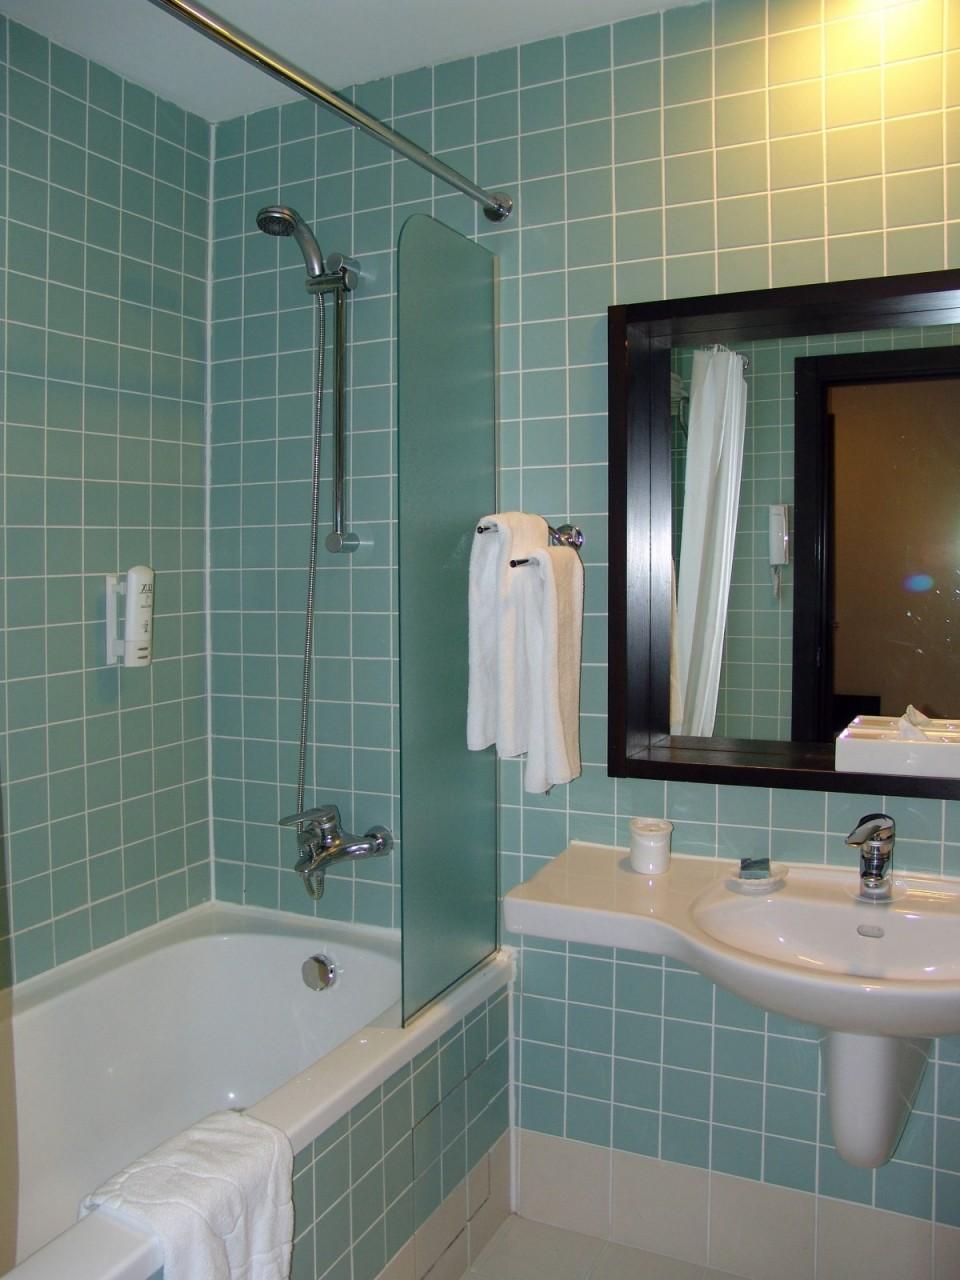 Сосут в ванной фото 1 фотография